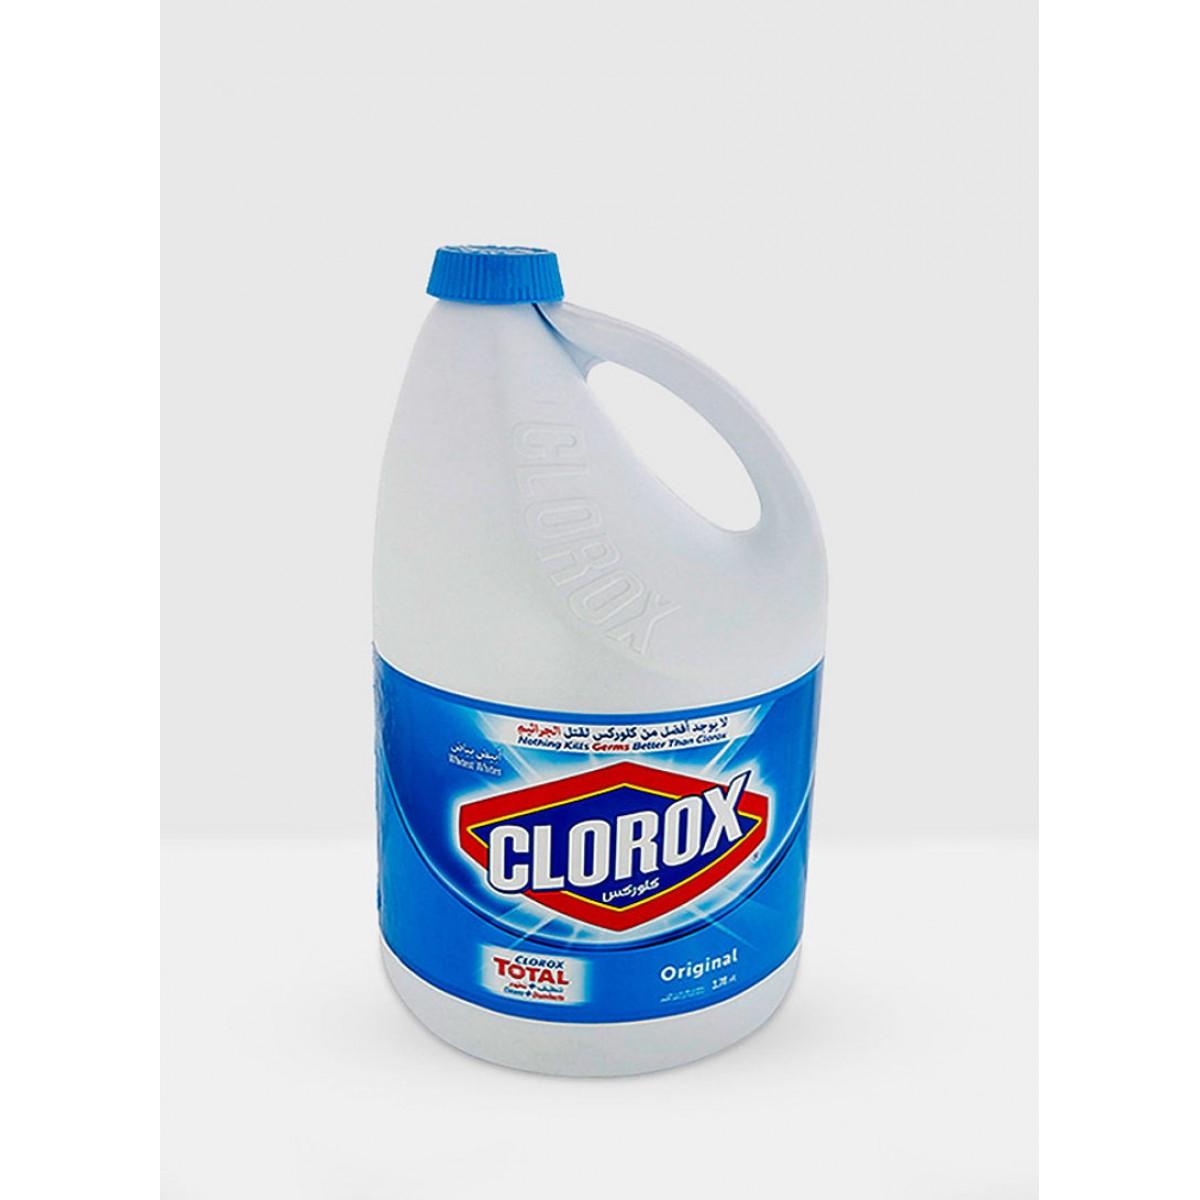 كلوركس - مبيض الملابس الأصلي 1 جالون